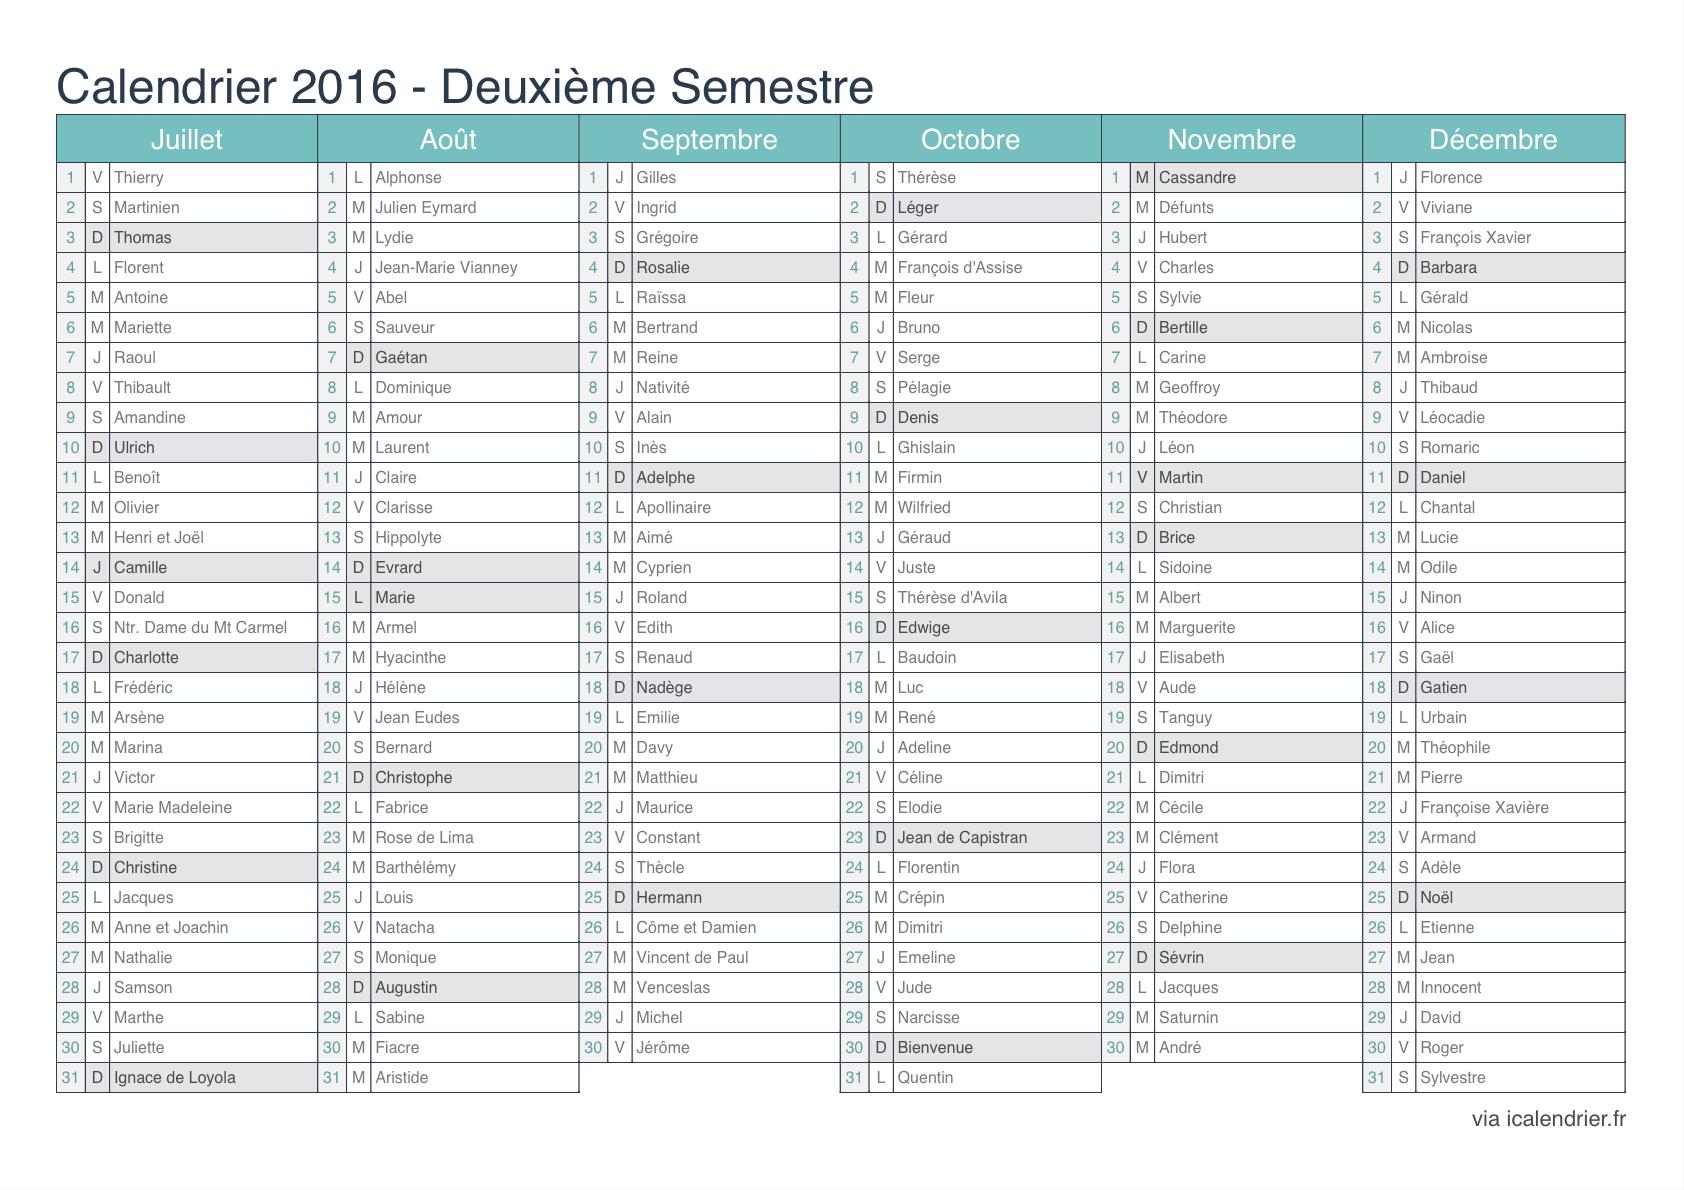 Calendrier 2016 à imprimer avec numéro de semaine